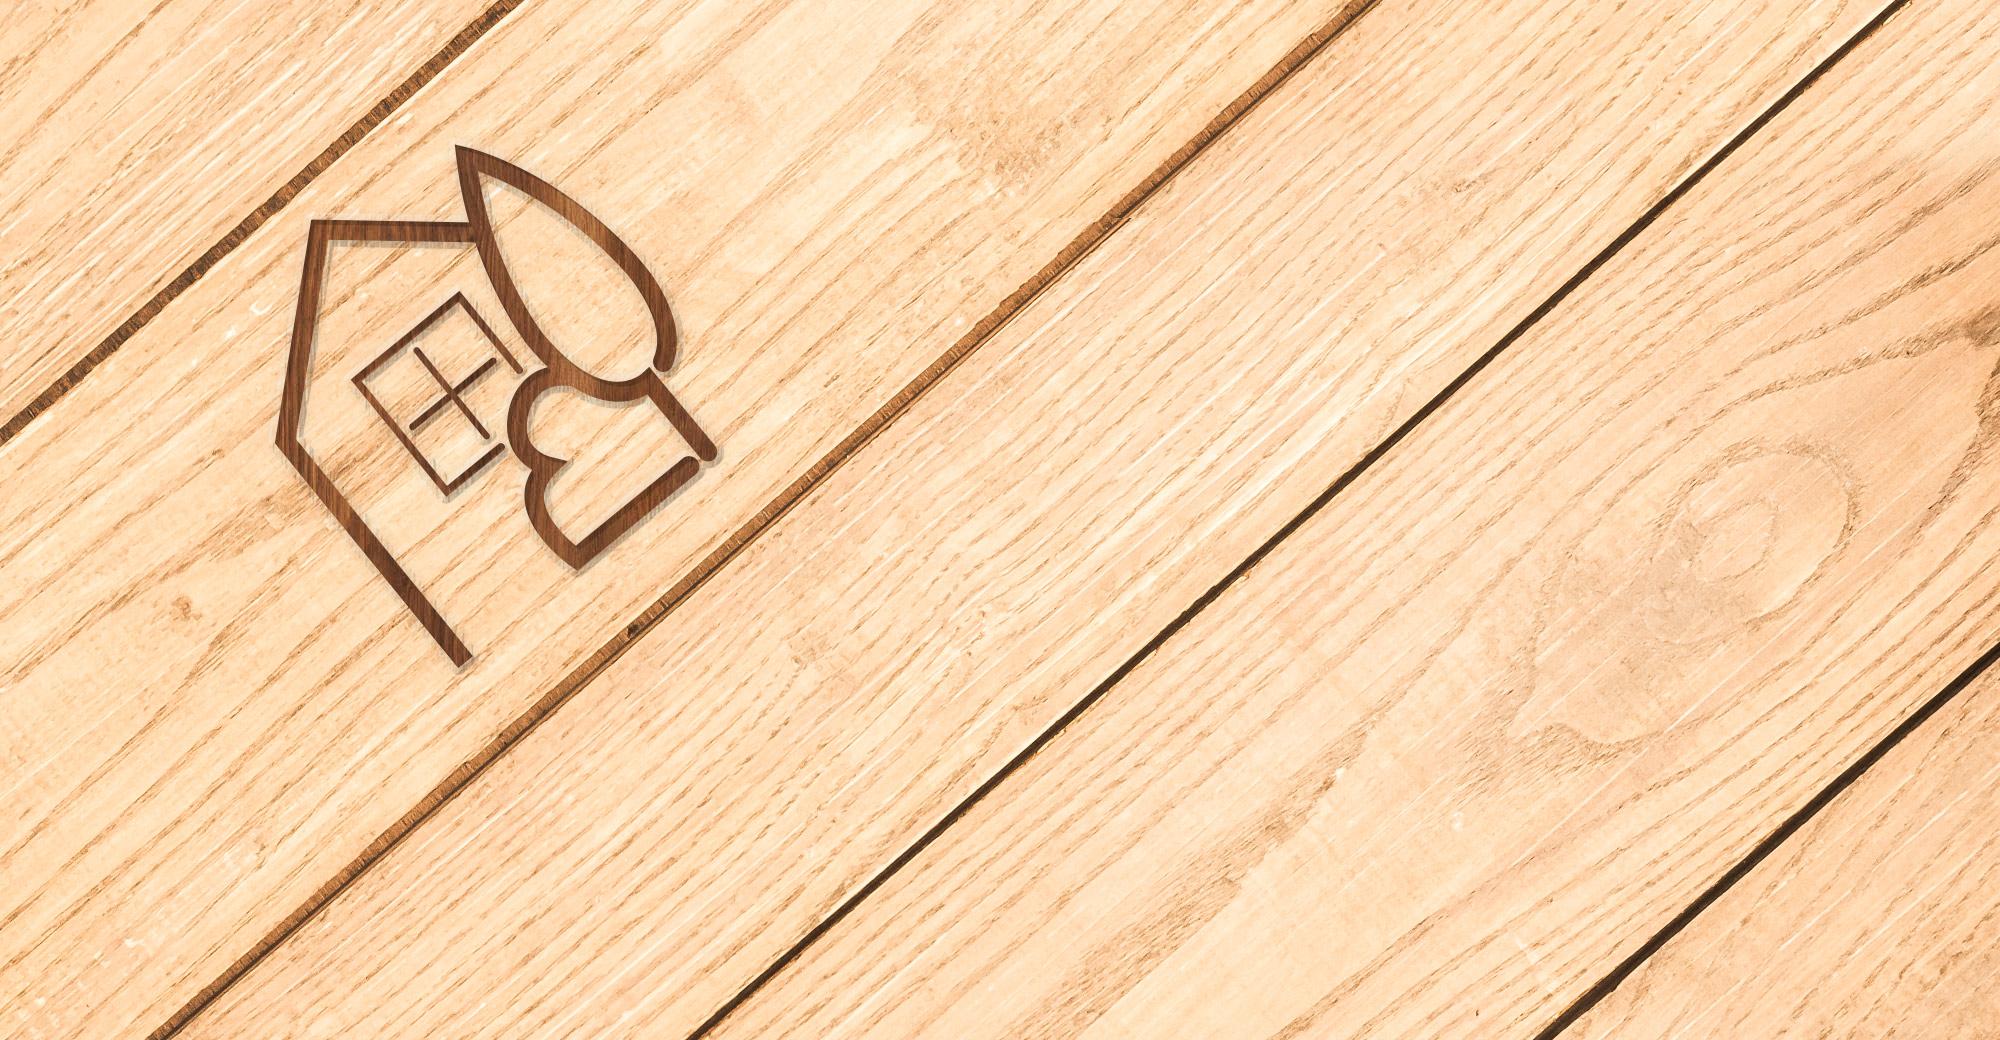 De voordelen van een houten vloer, pvc vloer en laminaat vloer op een rij